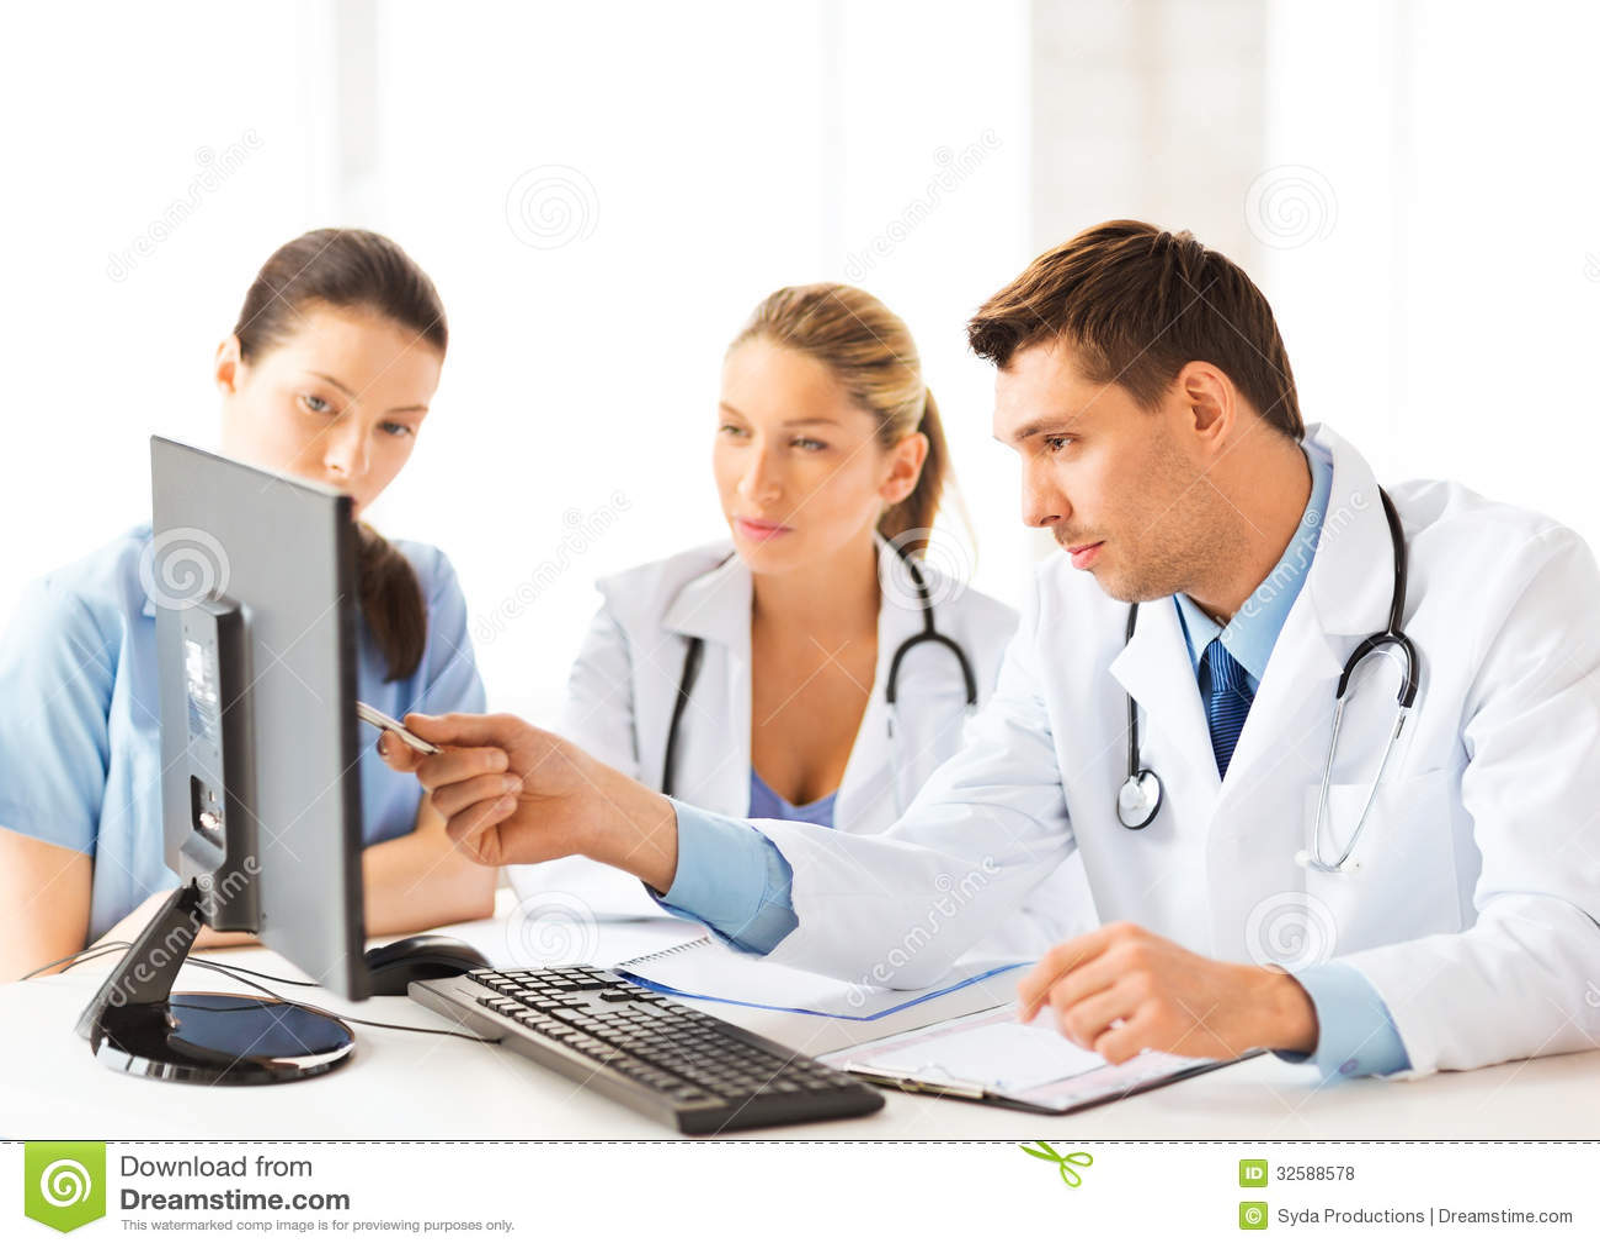 grupo de tres doctor